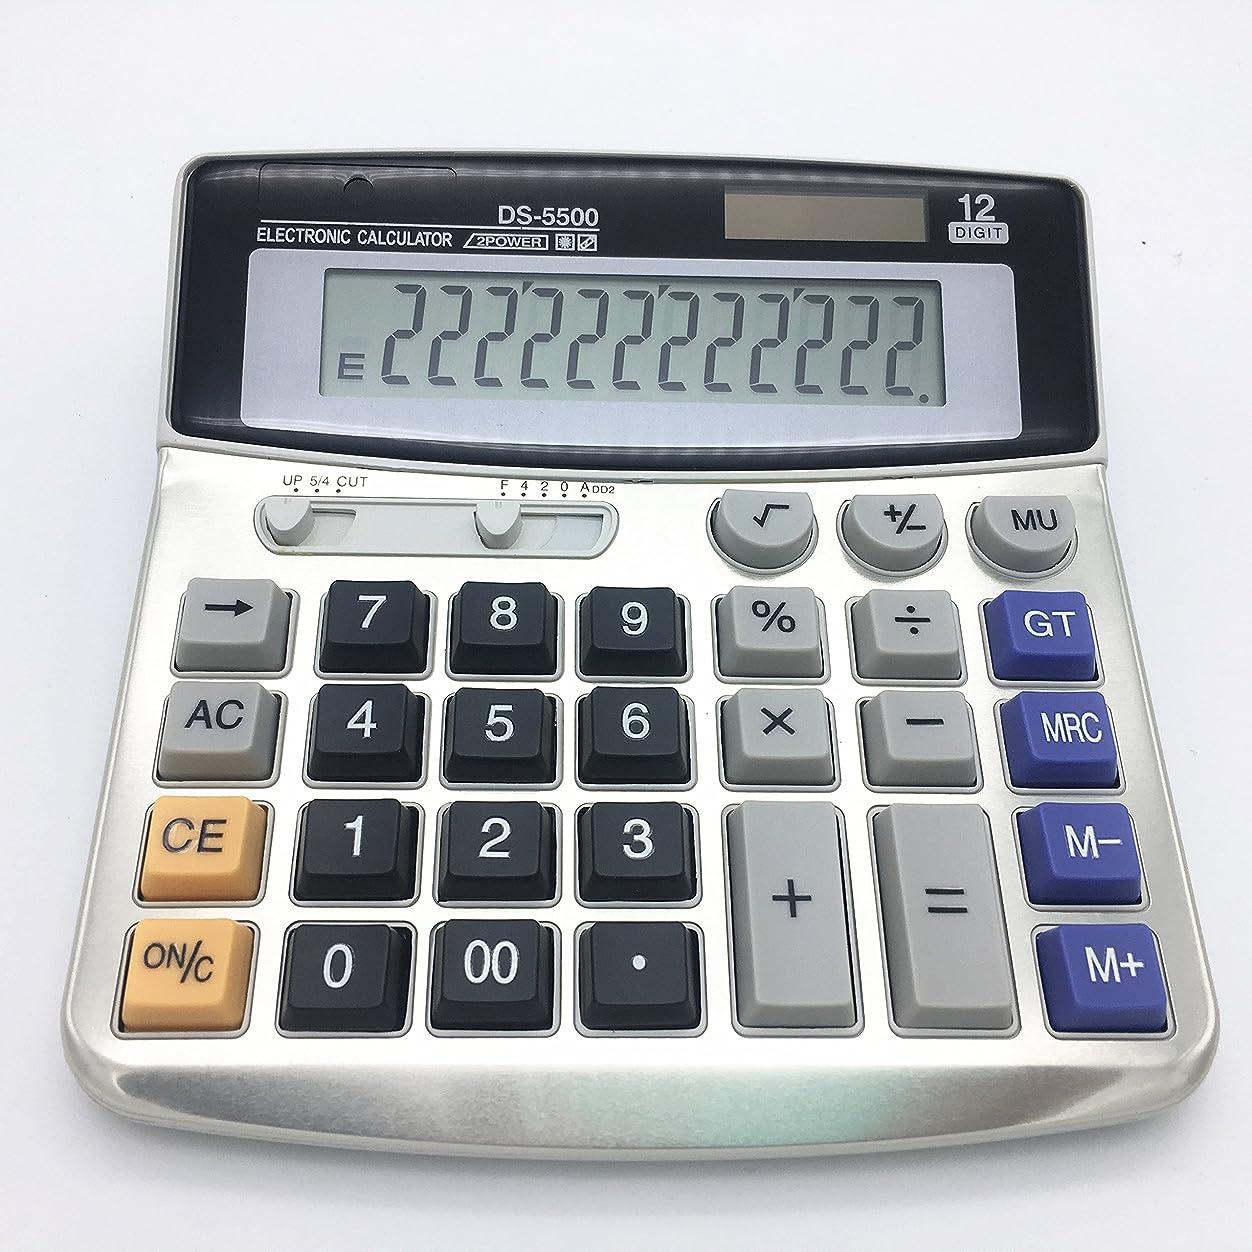 適合する学生釈義Lianshi 電卓 太陽エネルギー電卓 スタンダード電卓 千万単位表示 12桁